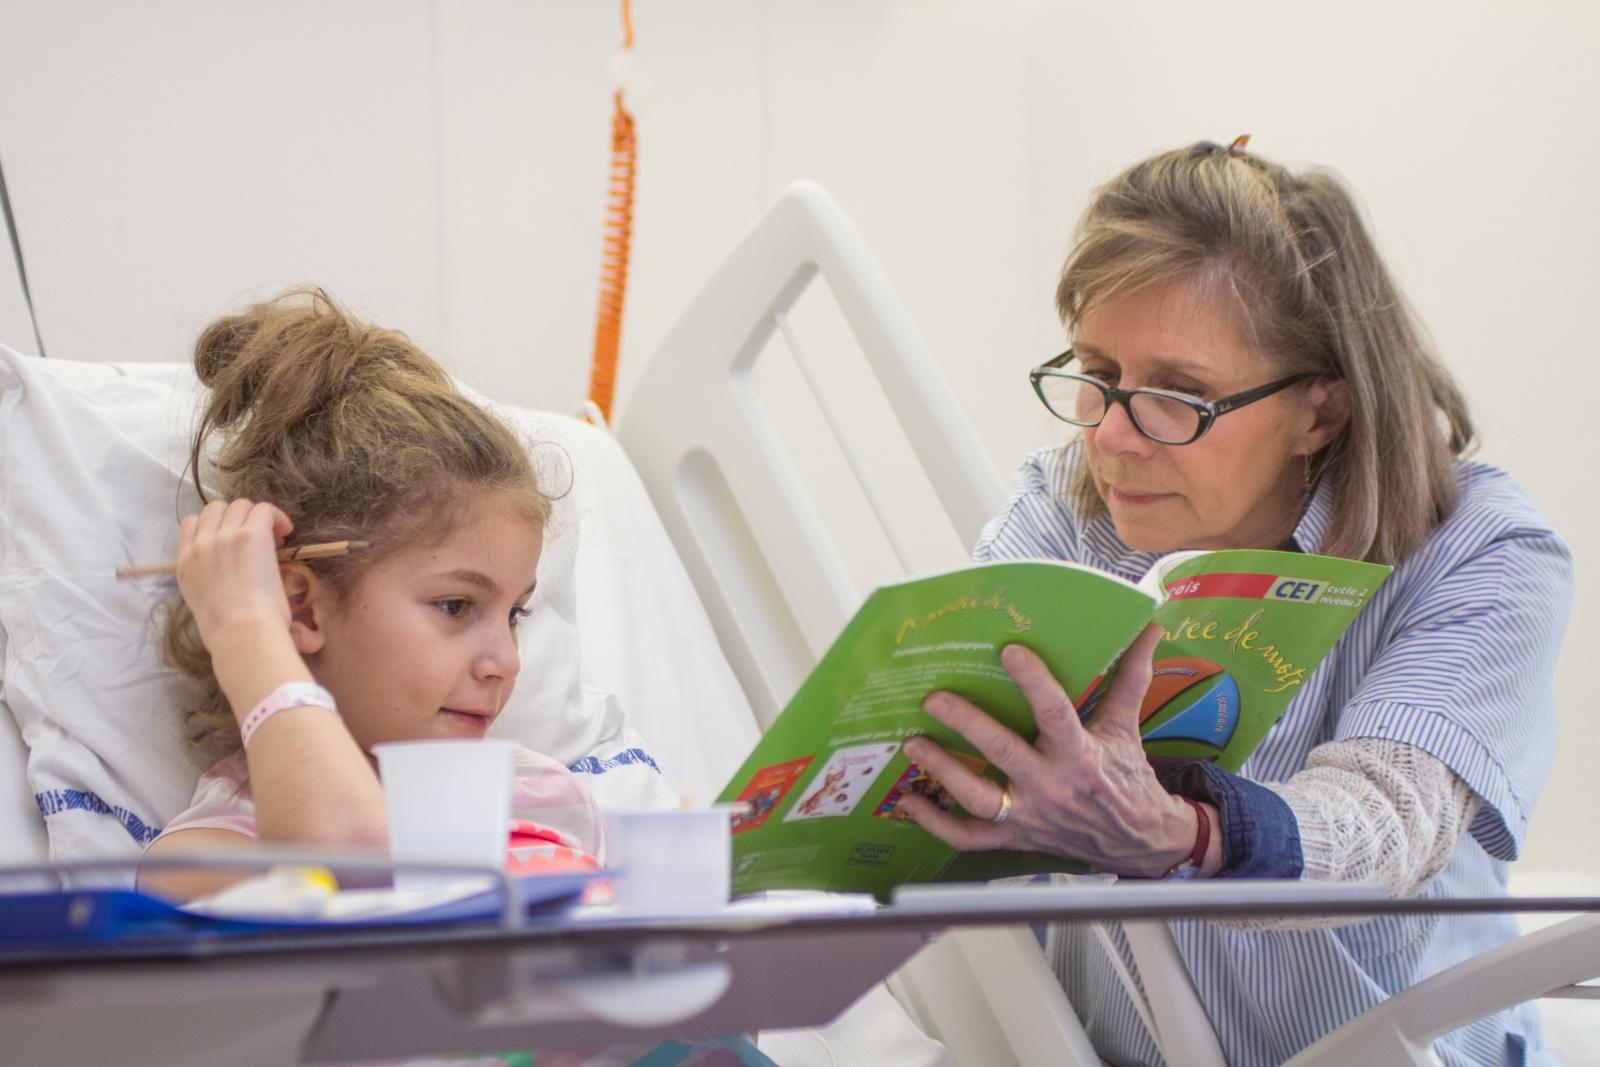 Mécénat : L'Ecole à l'Hopital